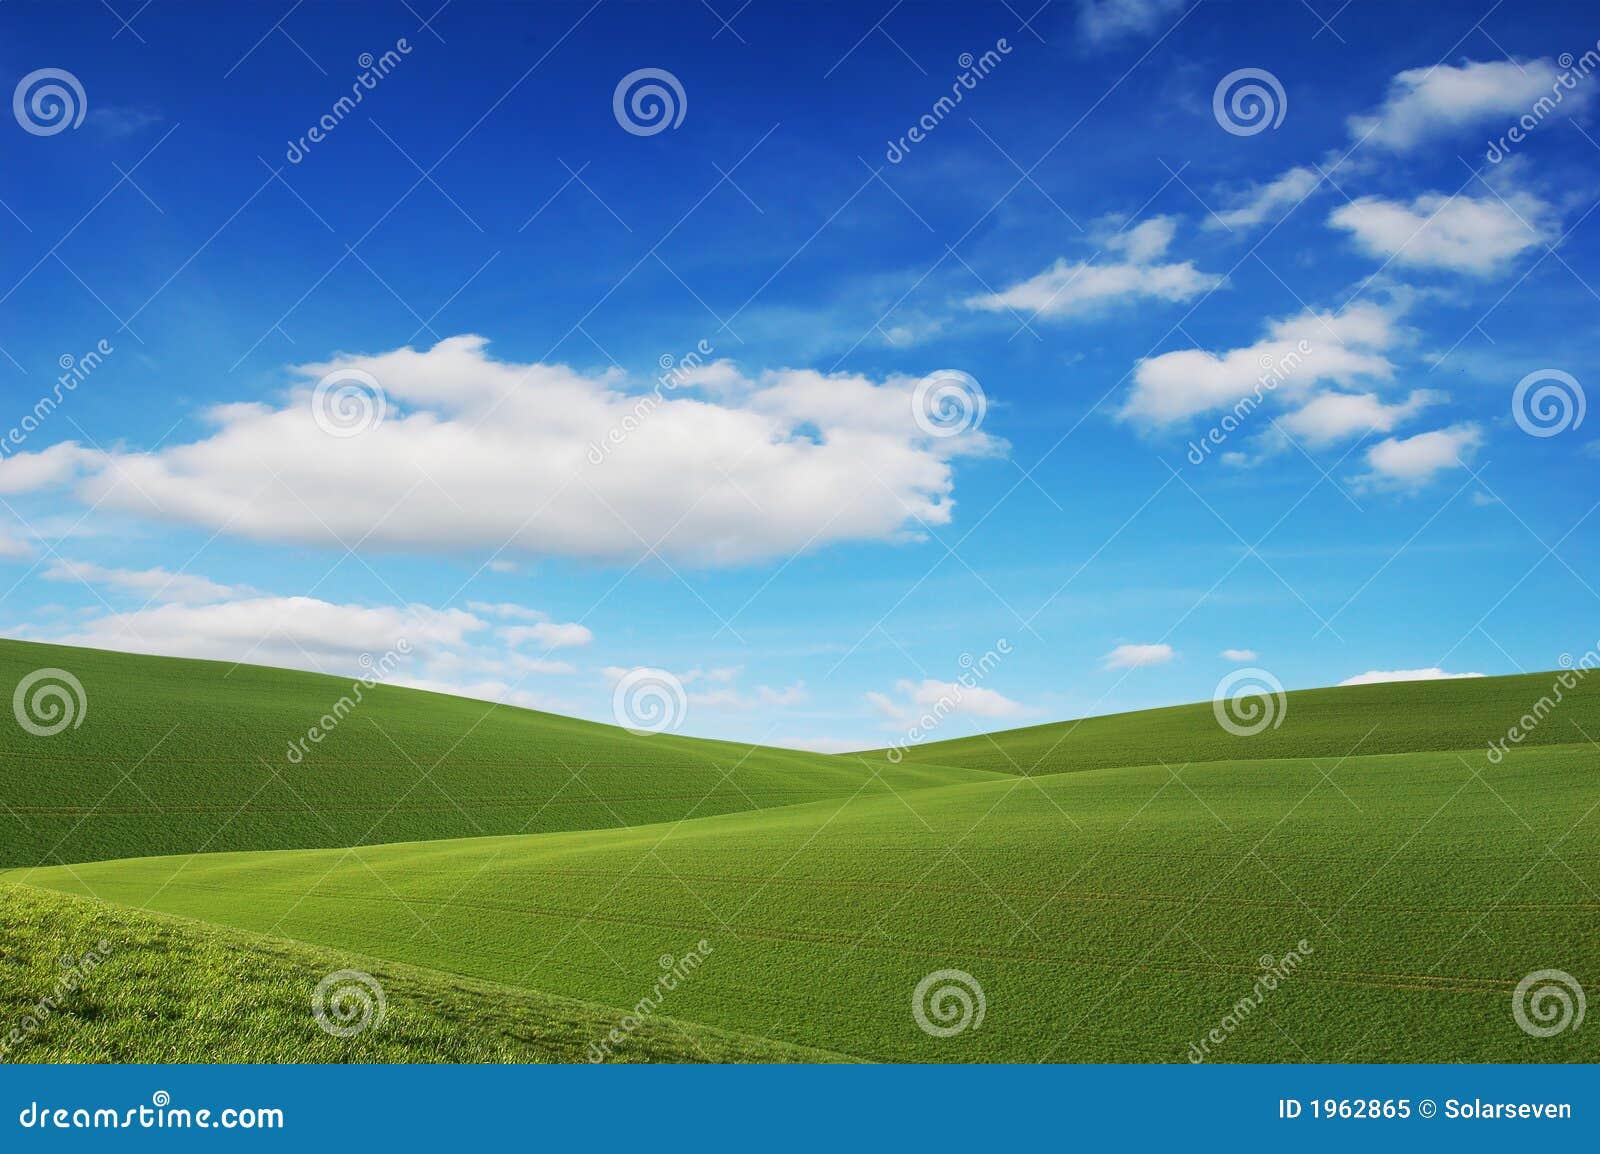 Blauer Himmel, grüne Felder